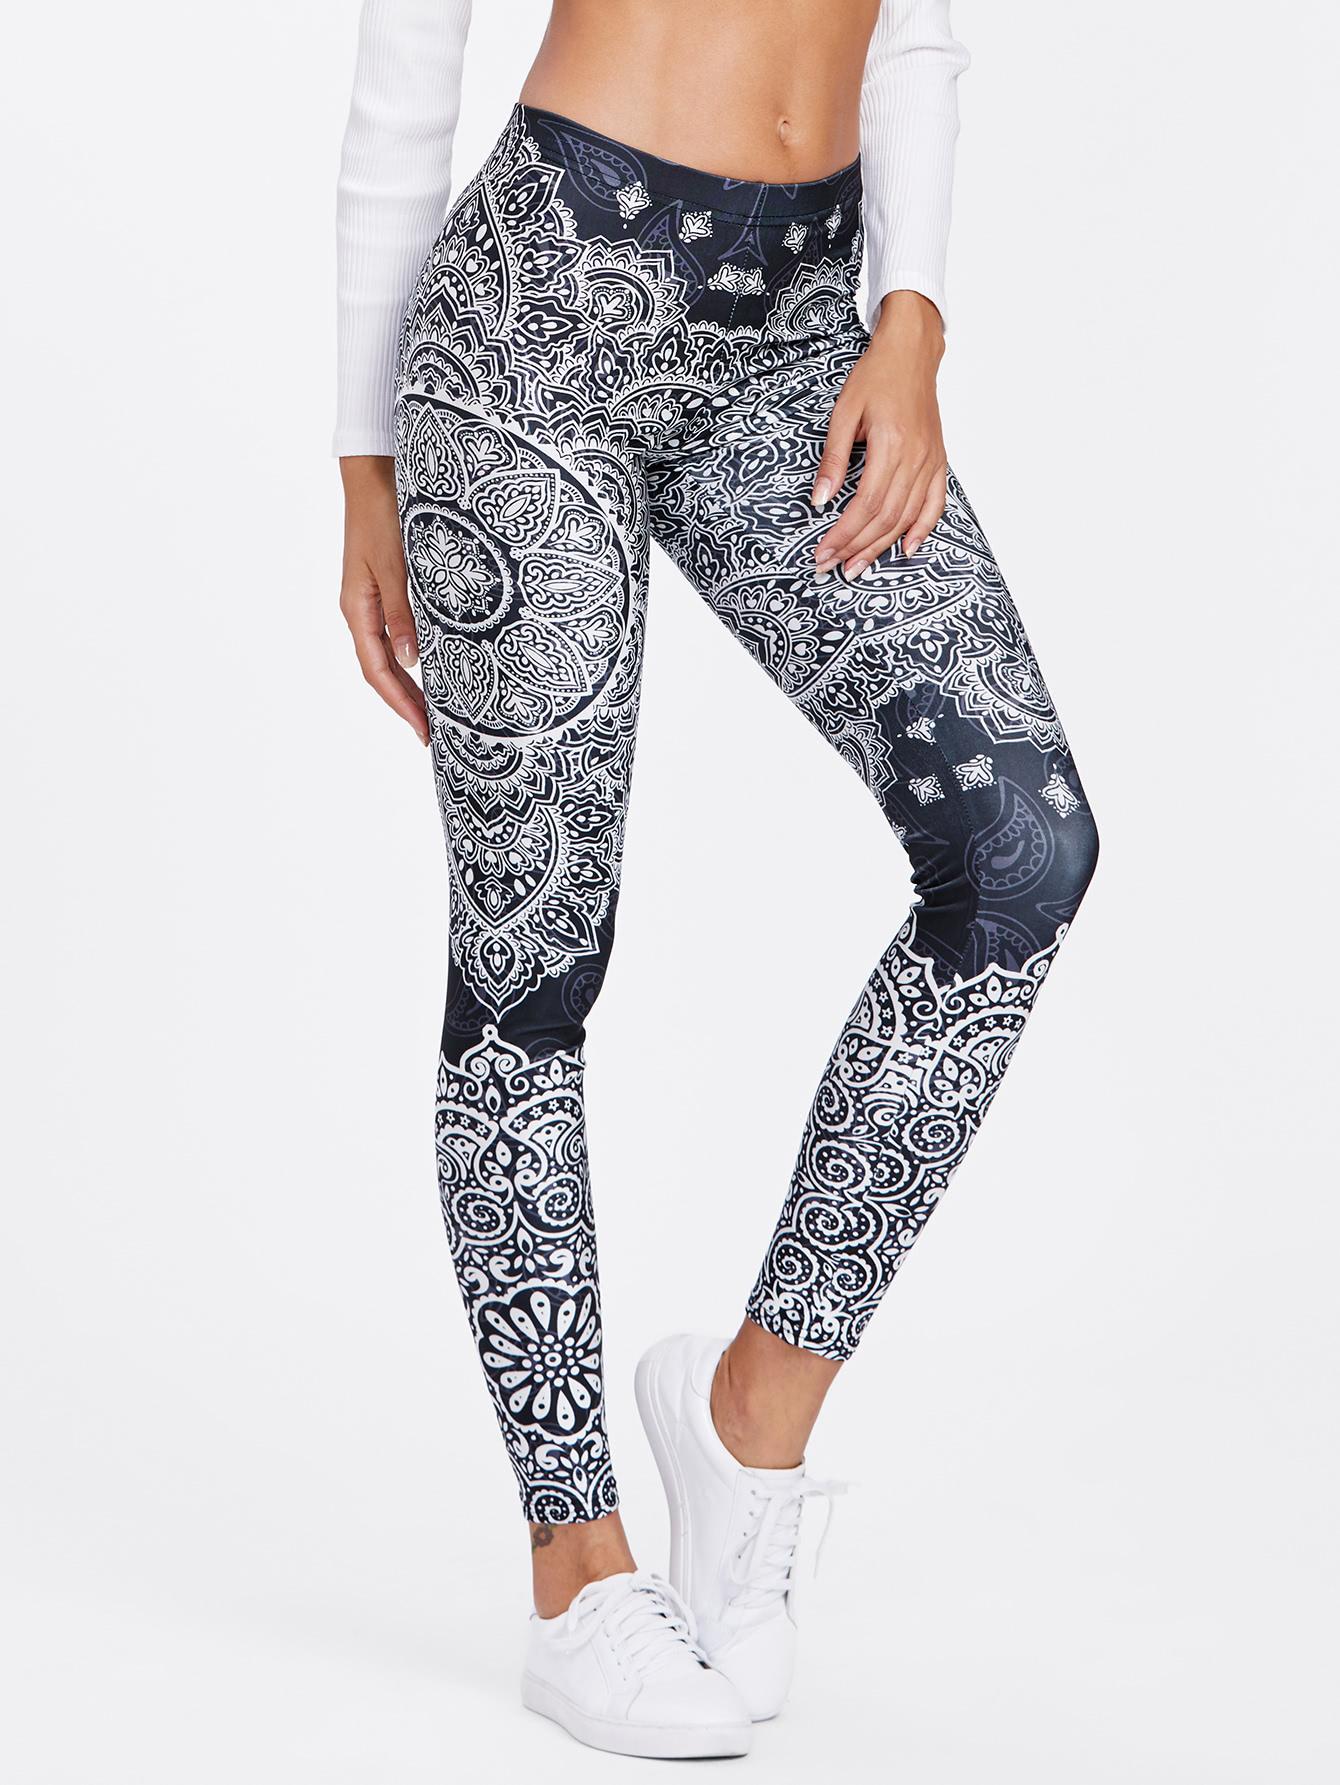 Ornate Print Leggings leggings171010302